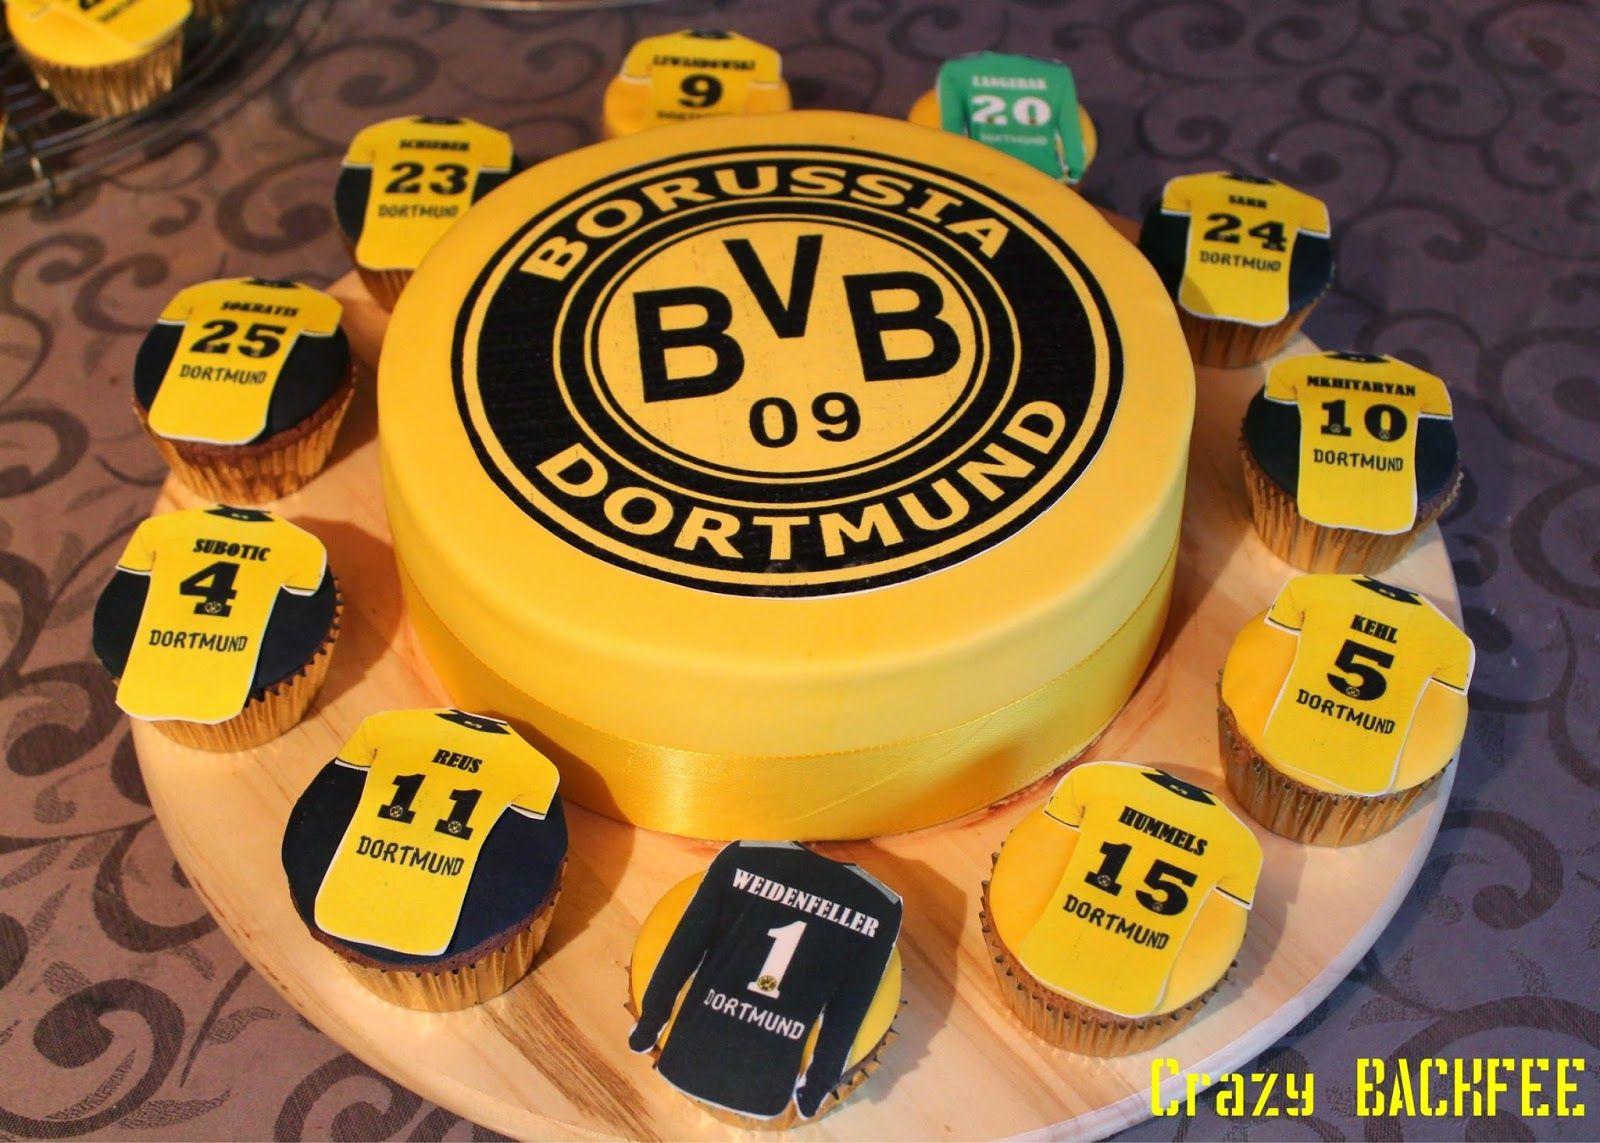 Crazy Backnoe Bvb Torte Und Cupcakes Bvb Torte Fussball